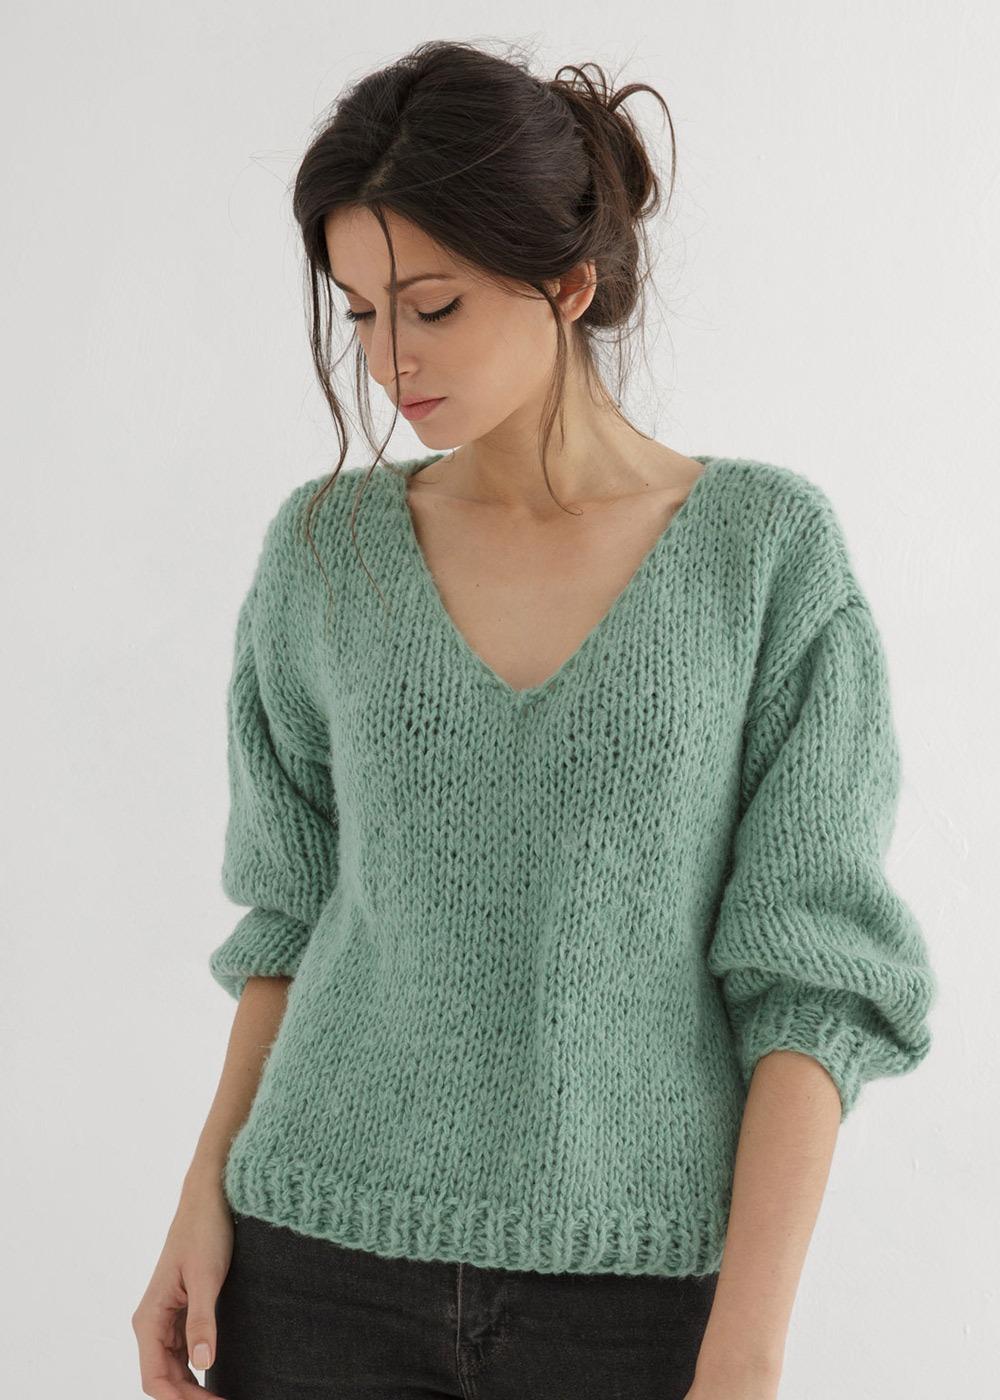 Pullover PDF Knit Top VI